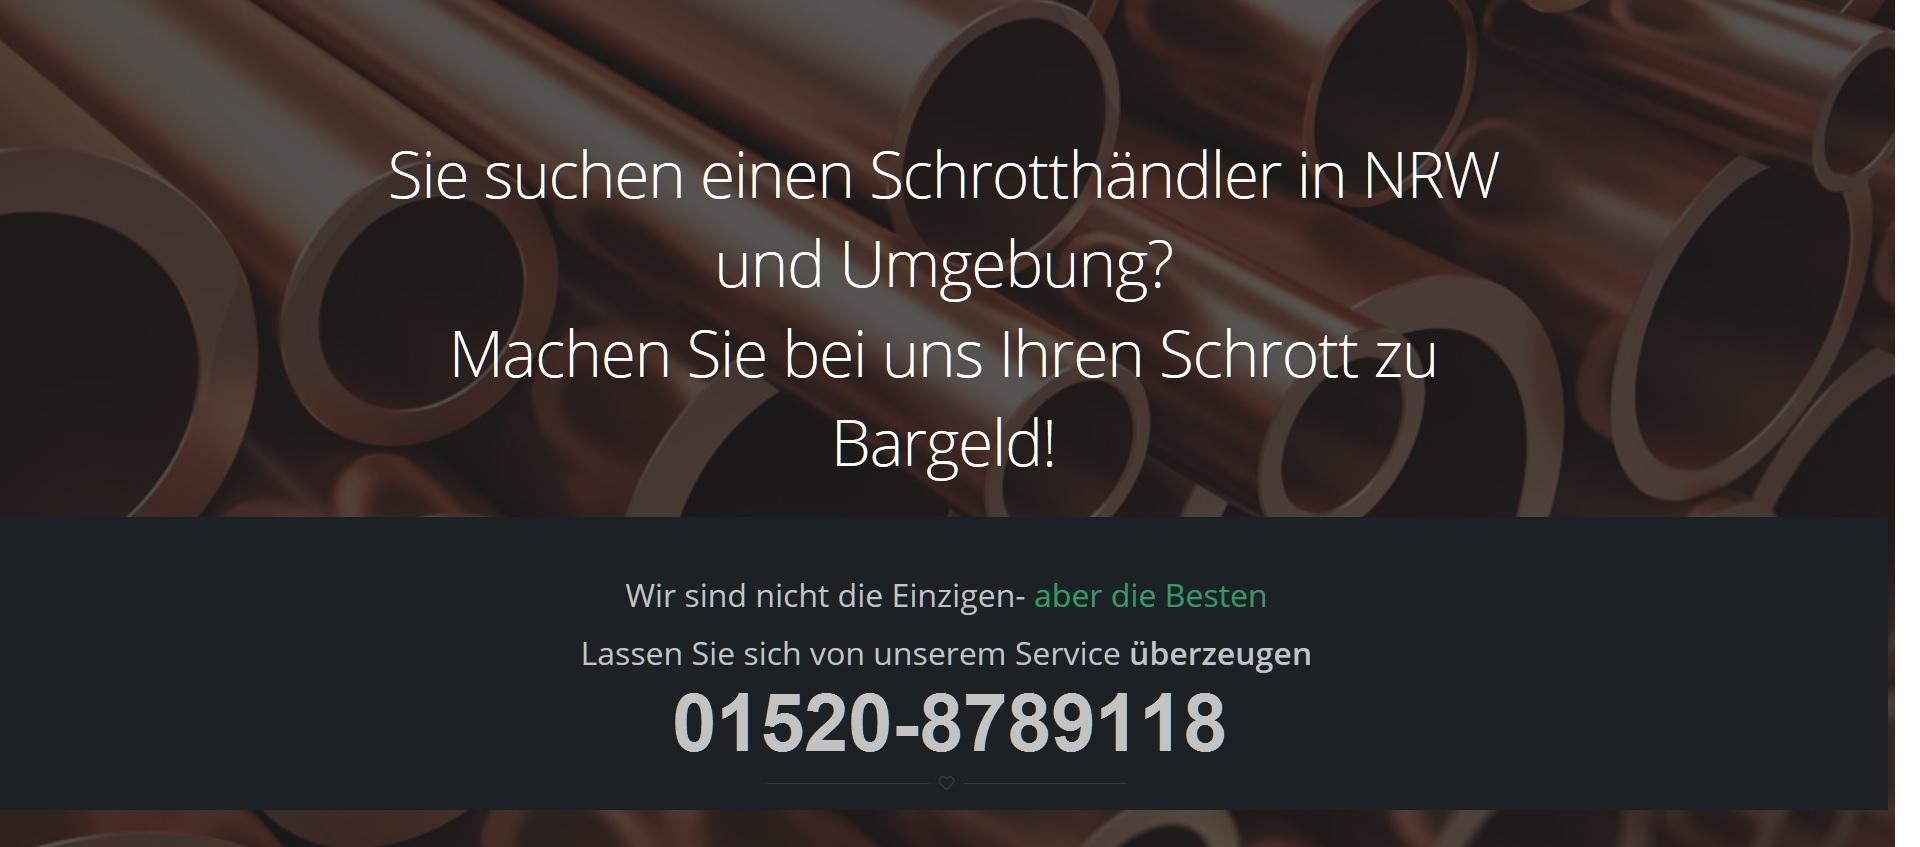 schrottabholung wuppertal ihr partner fuer schrottankauf in wuppertal zu bestpreisen - Schrottabholung Wuppertal Ihr Partner für Schrottankauf in Wuppertal zu Bestpreisen